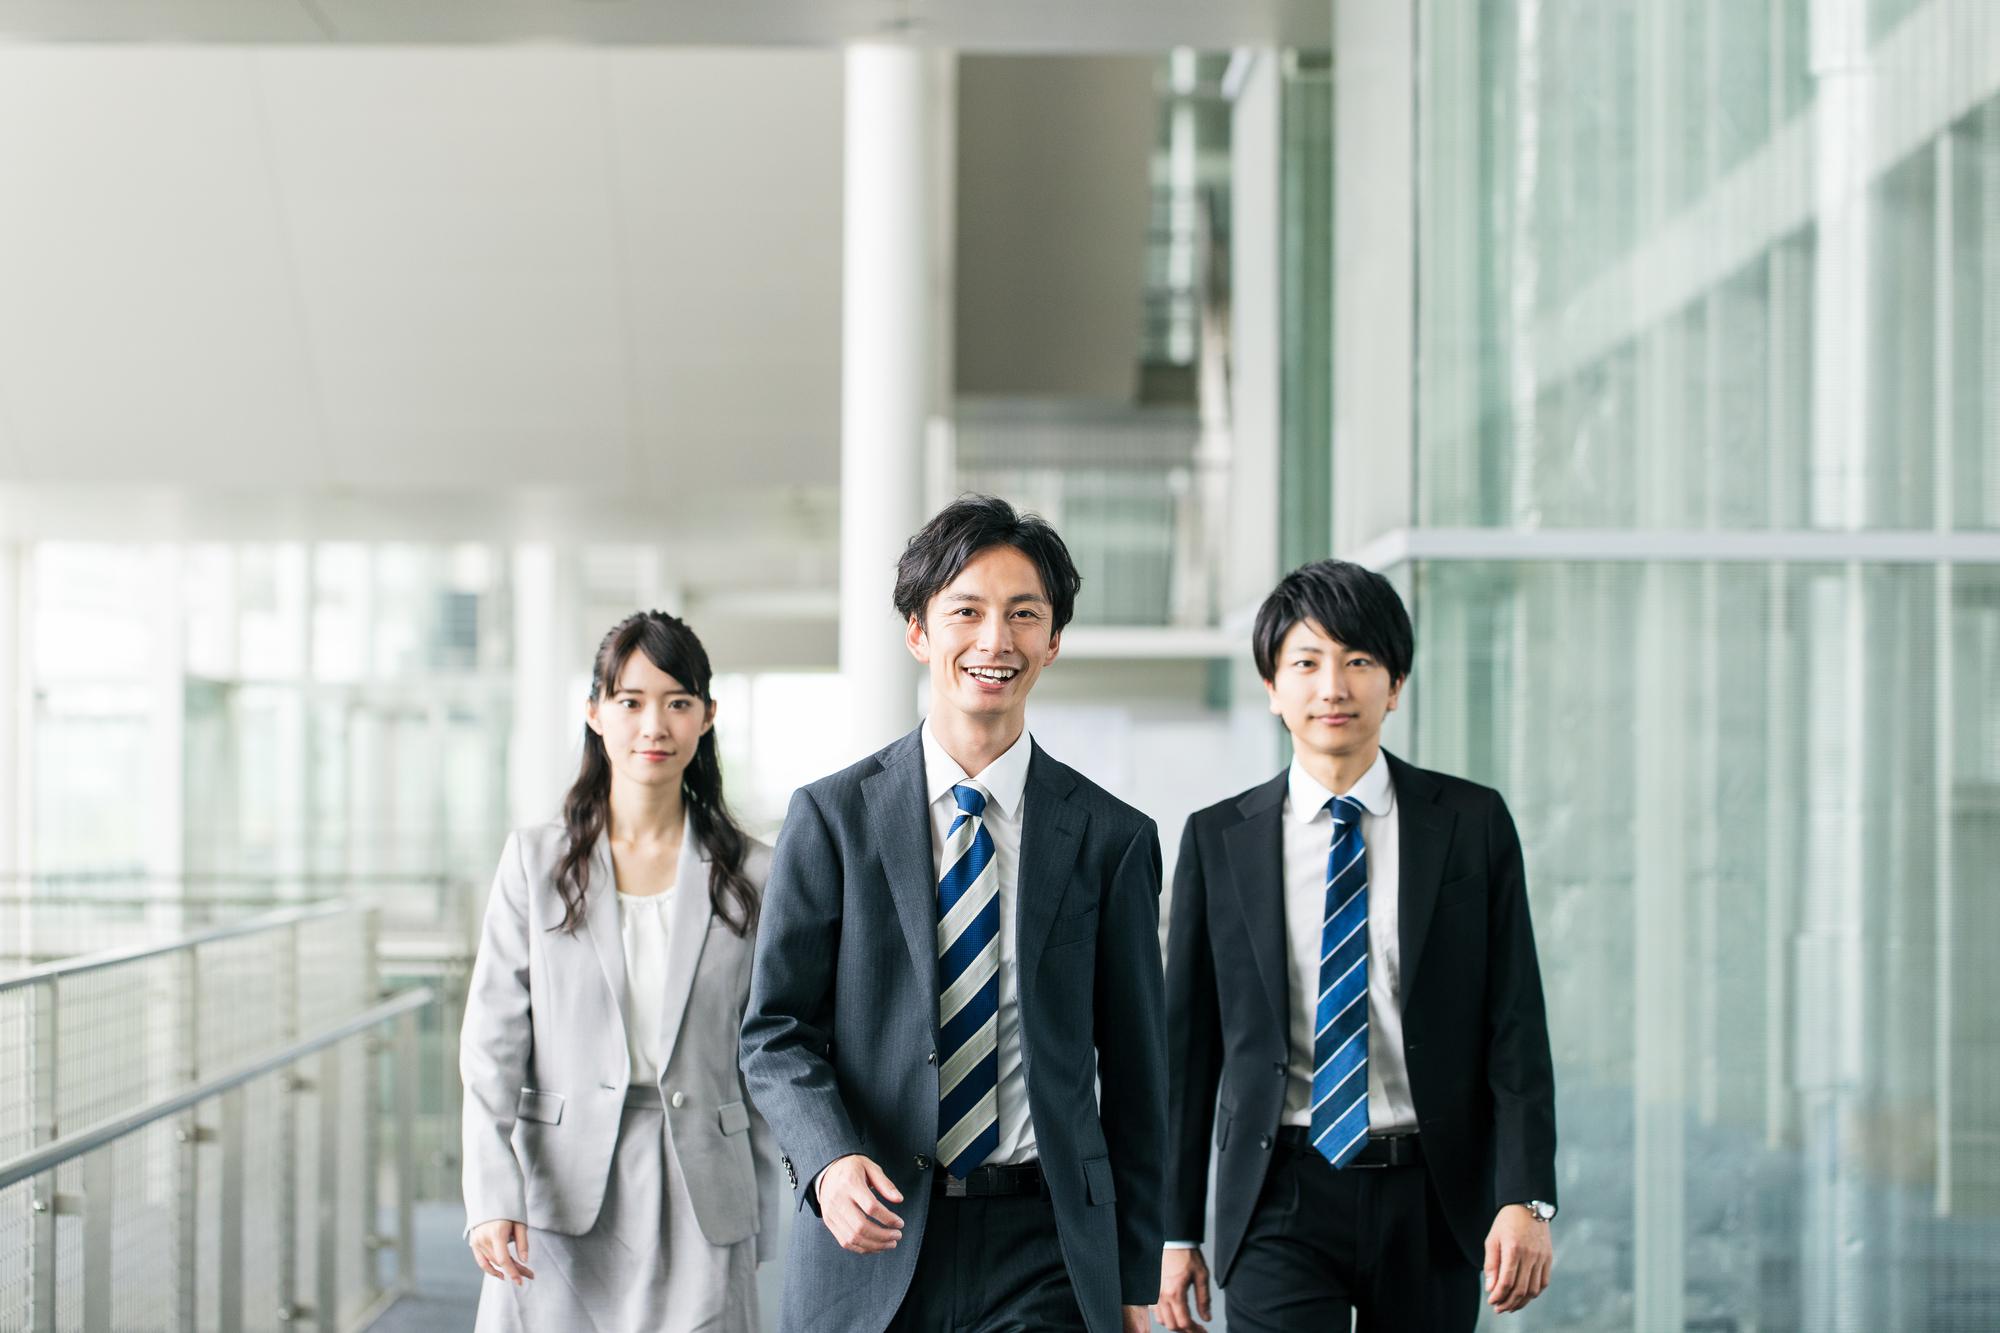 第二新卒ビジネスマンの写真